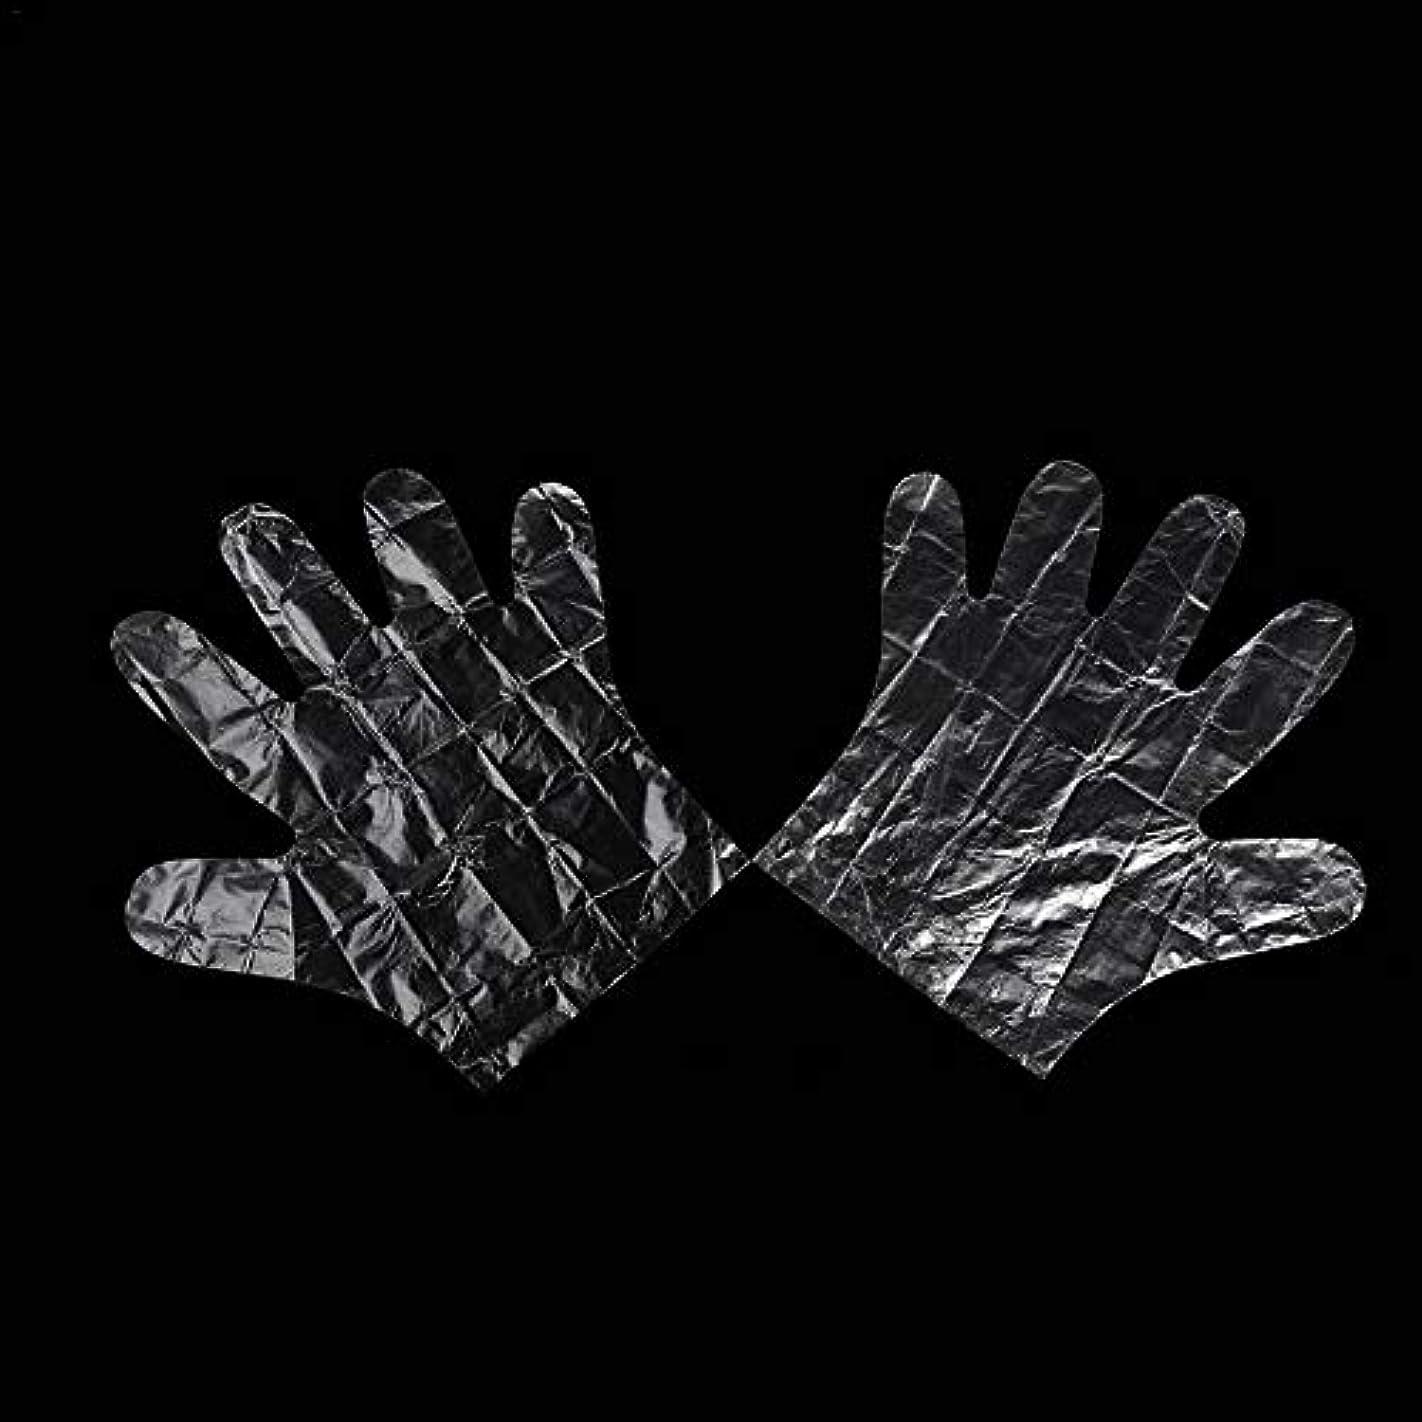 不健全パワー微妙colmall 使い捨て手袋 子供用 極薄ビニール手袋 ポリエチレン 透明 実用 衛生 100枚/200m枚セット 左右兼用 on